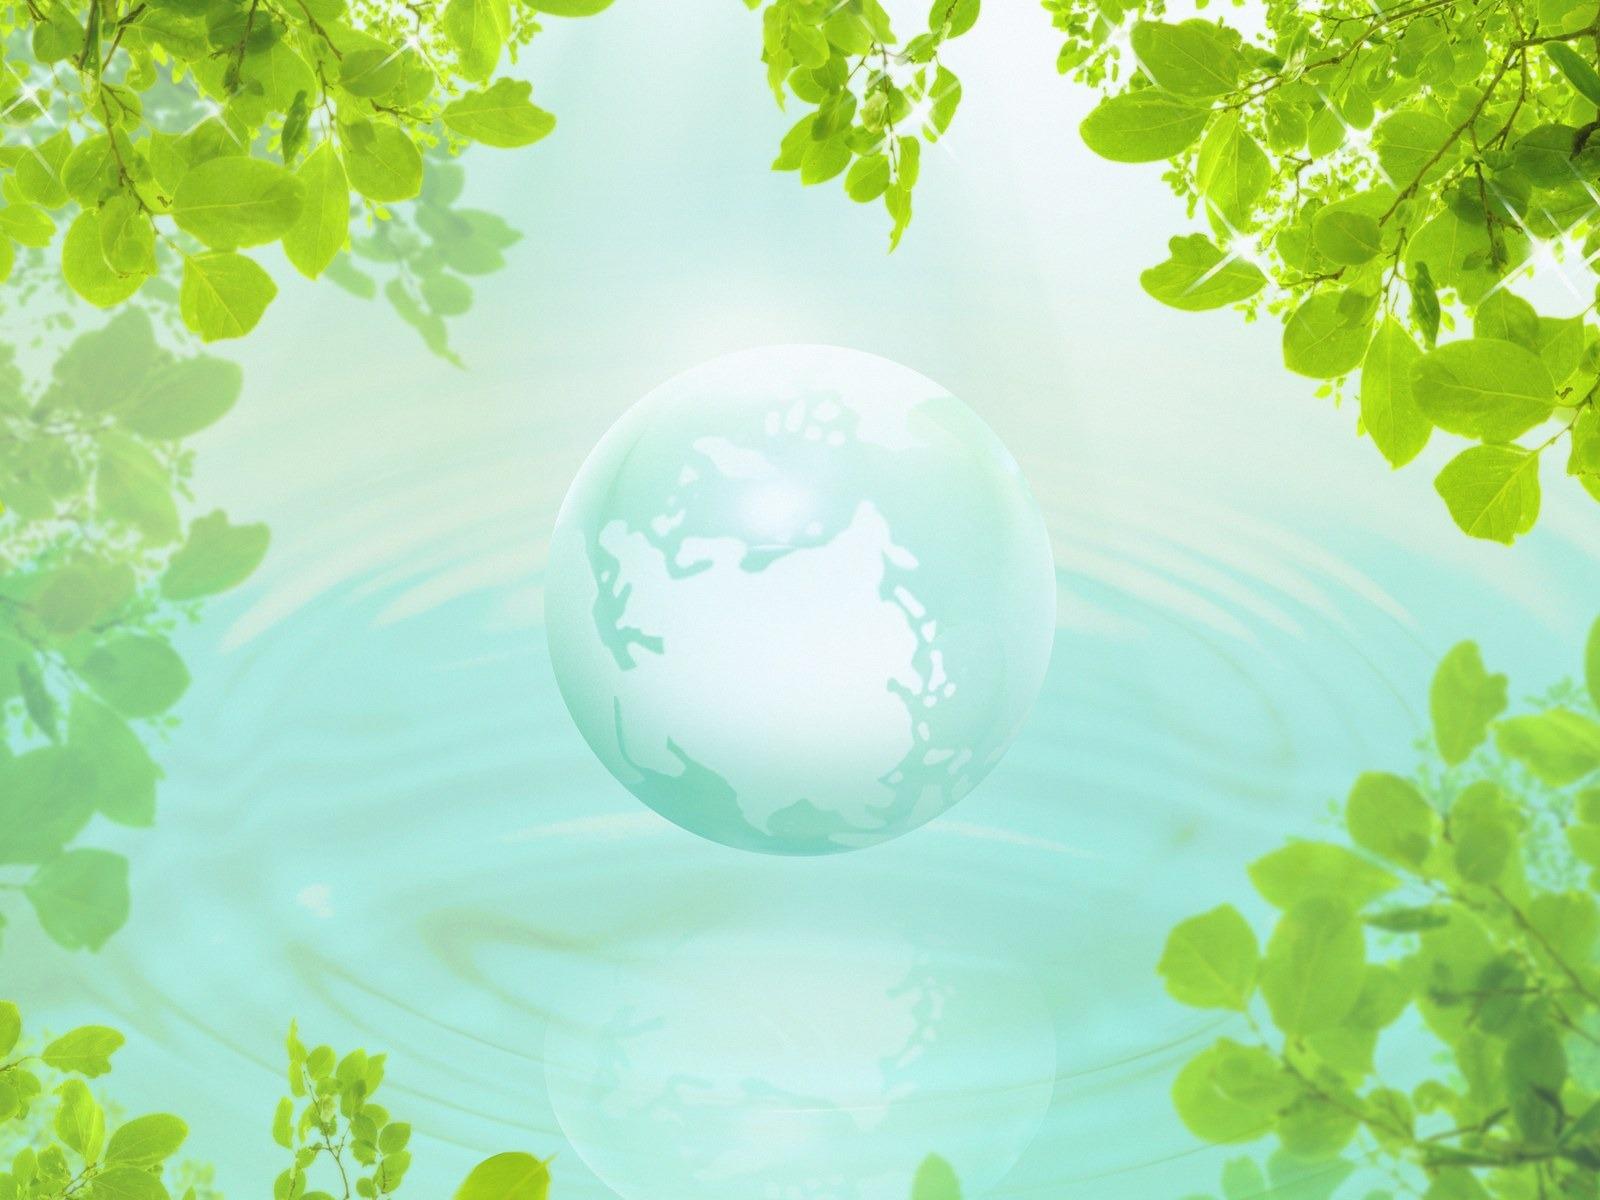 temas ambientales verde ps wallpaper 14 1600x1200 descripción temas ...